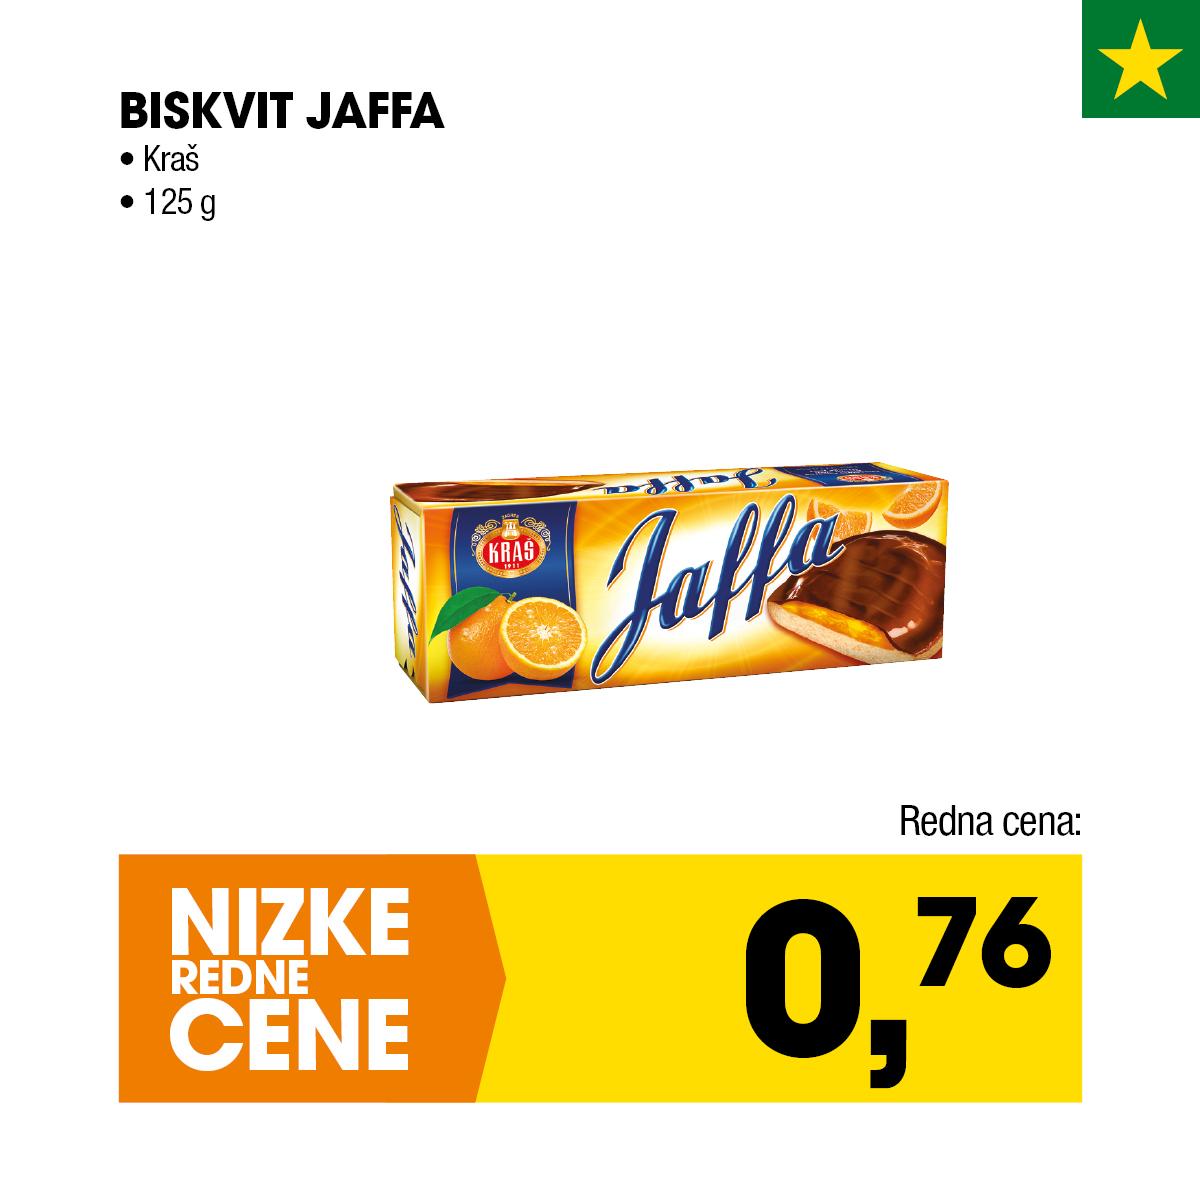 Nizke cene - Biskvit Jaffa